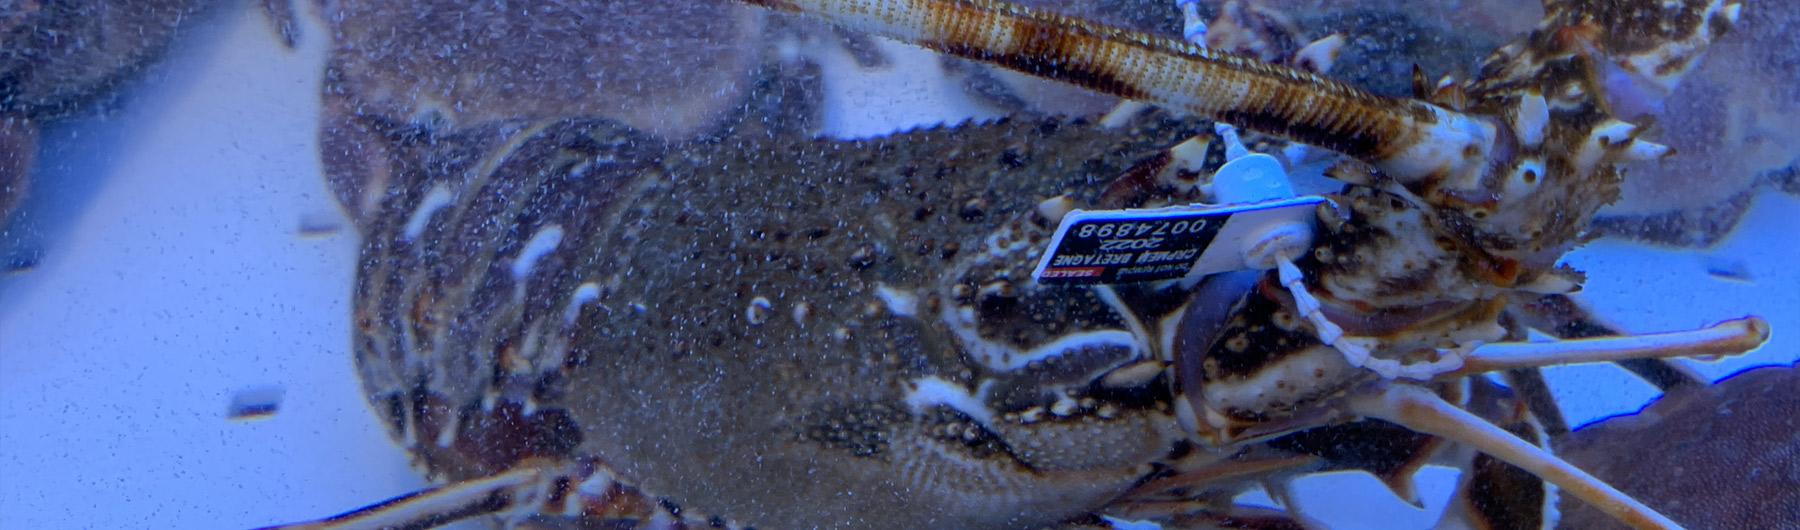 Poissonnerie la cotriade poissonnerie audierne vente de for Vente de poisson